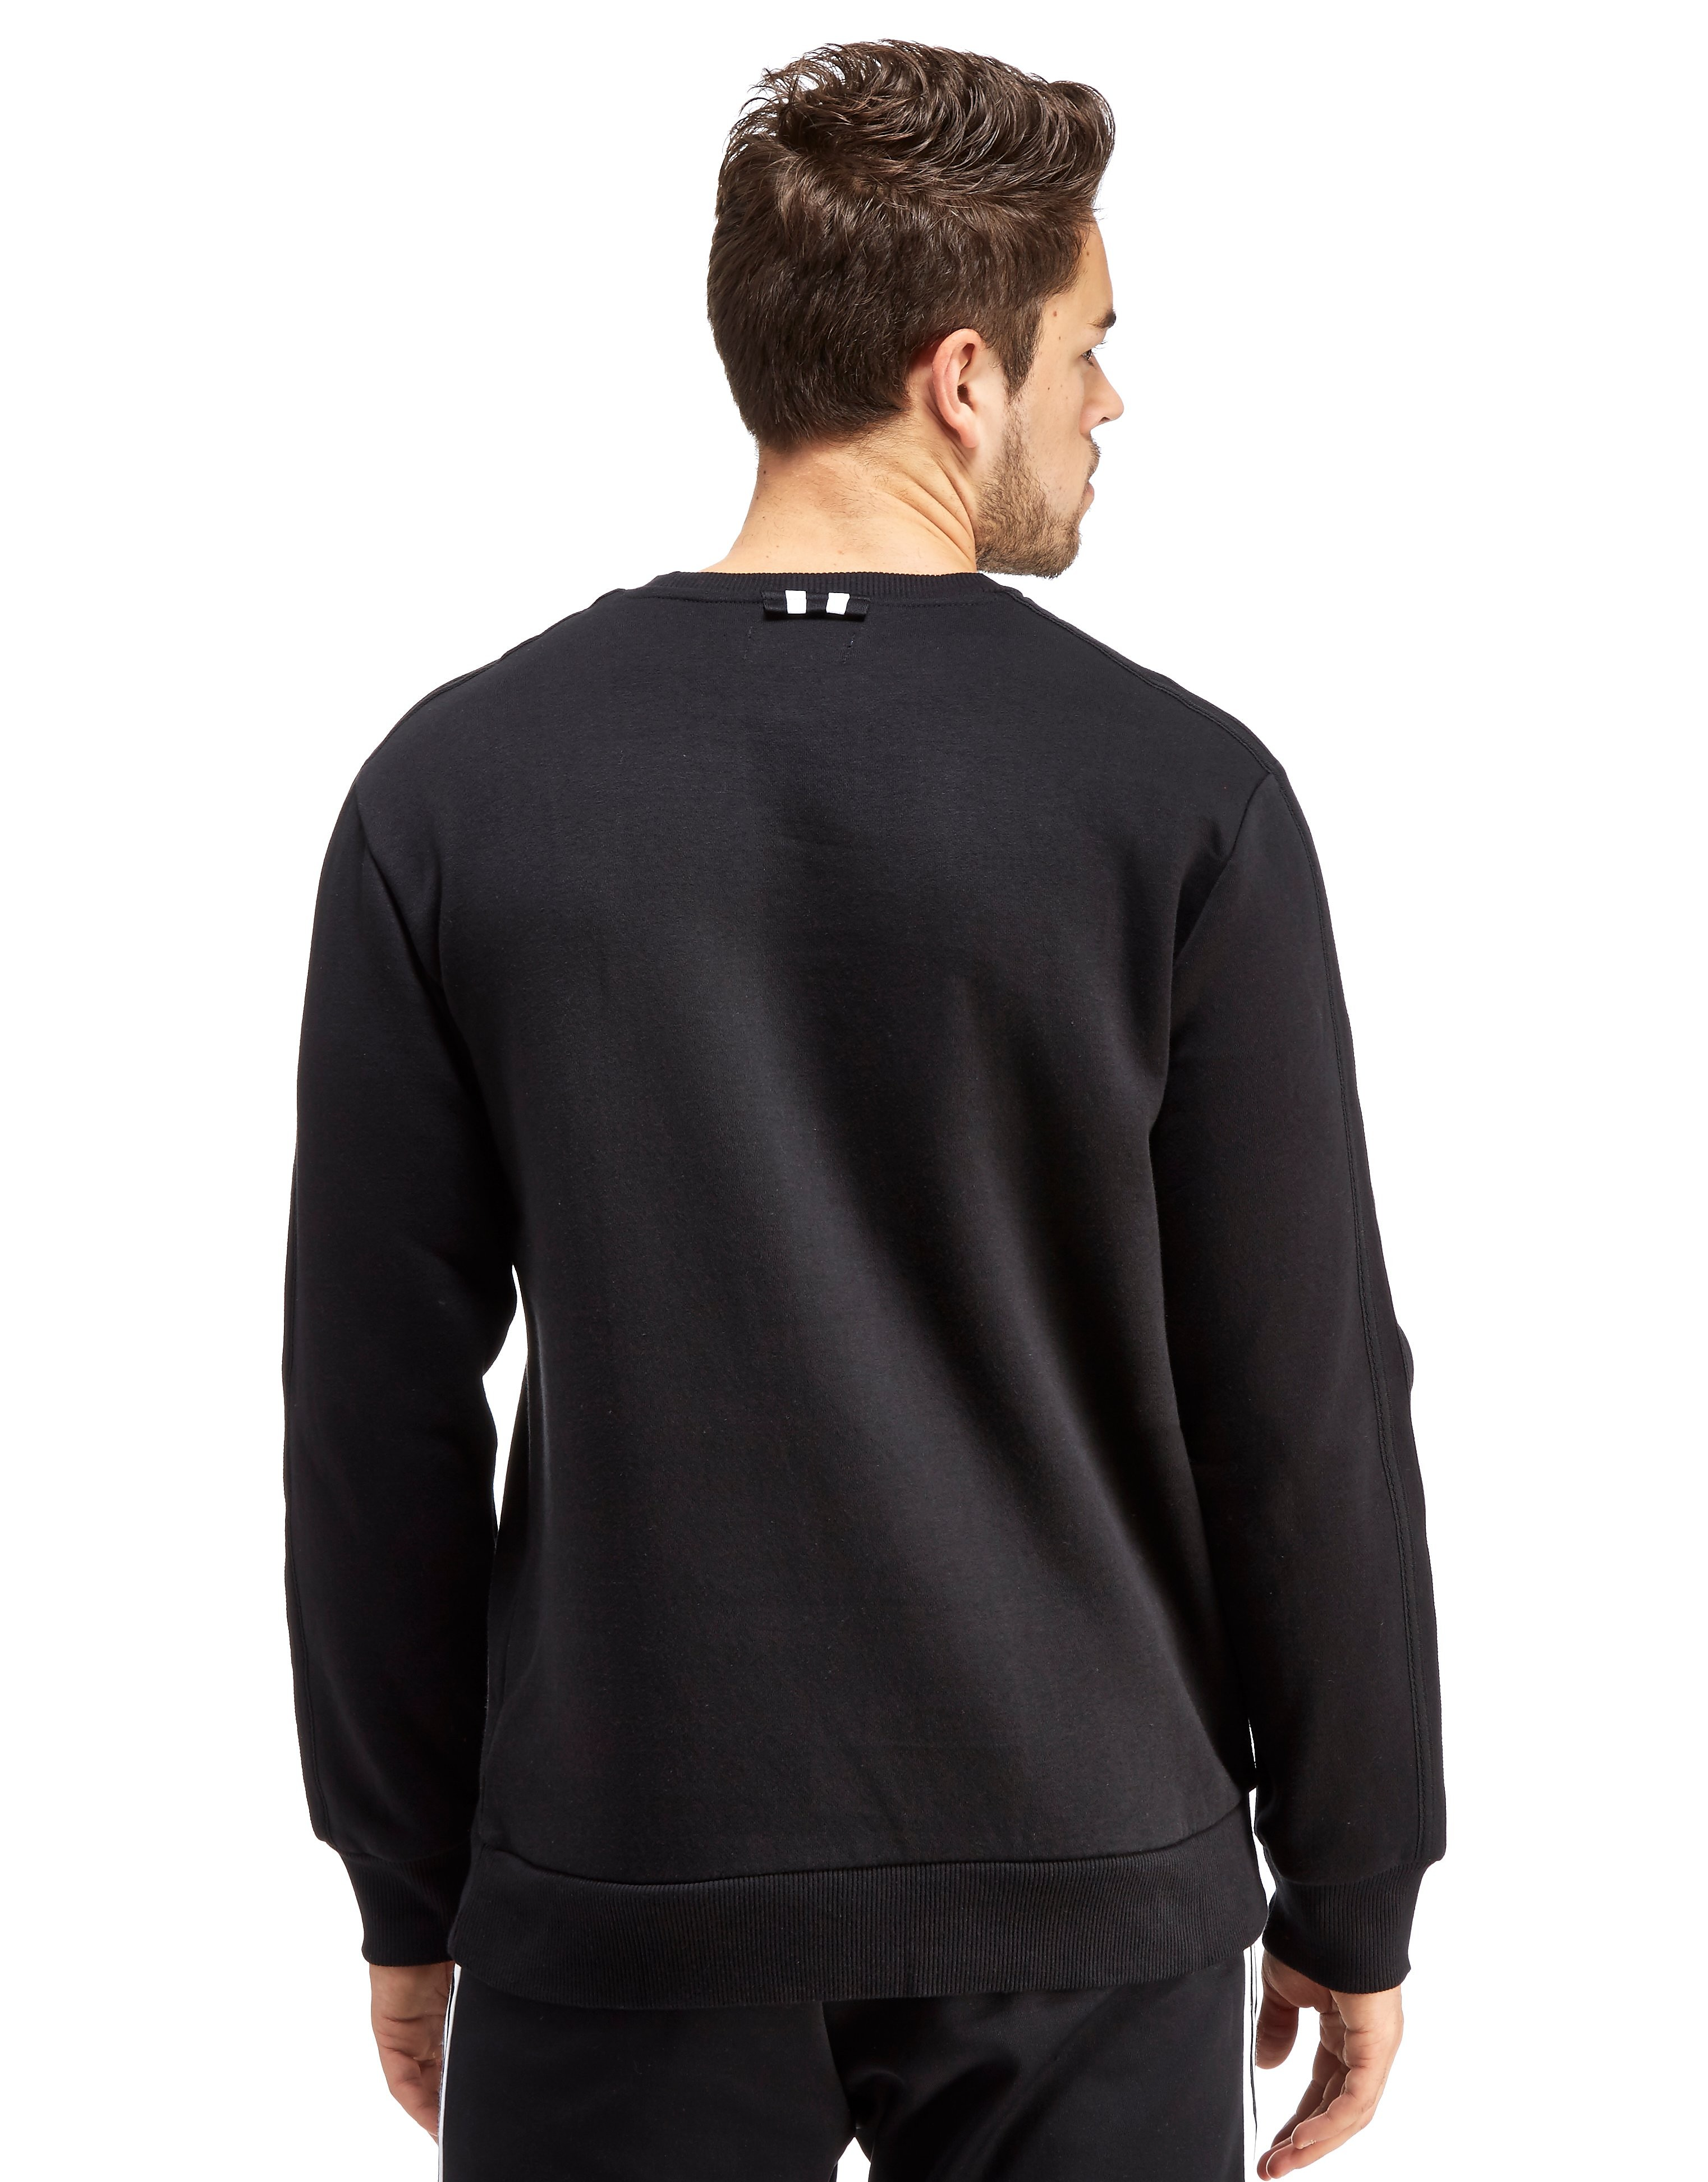 adidas Originals Classic Crew Sweatshirt